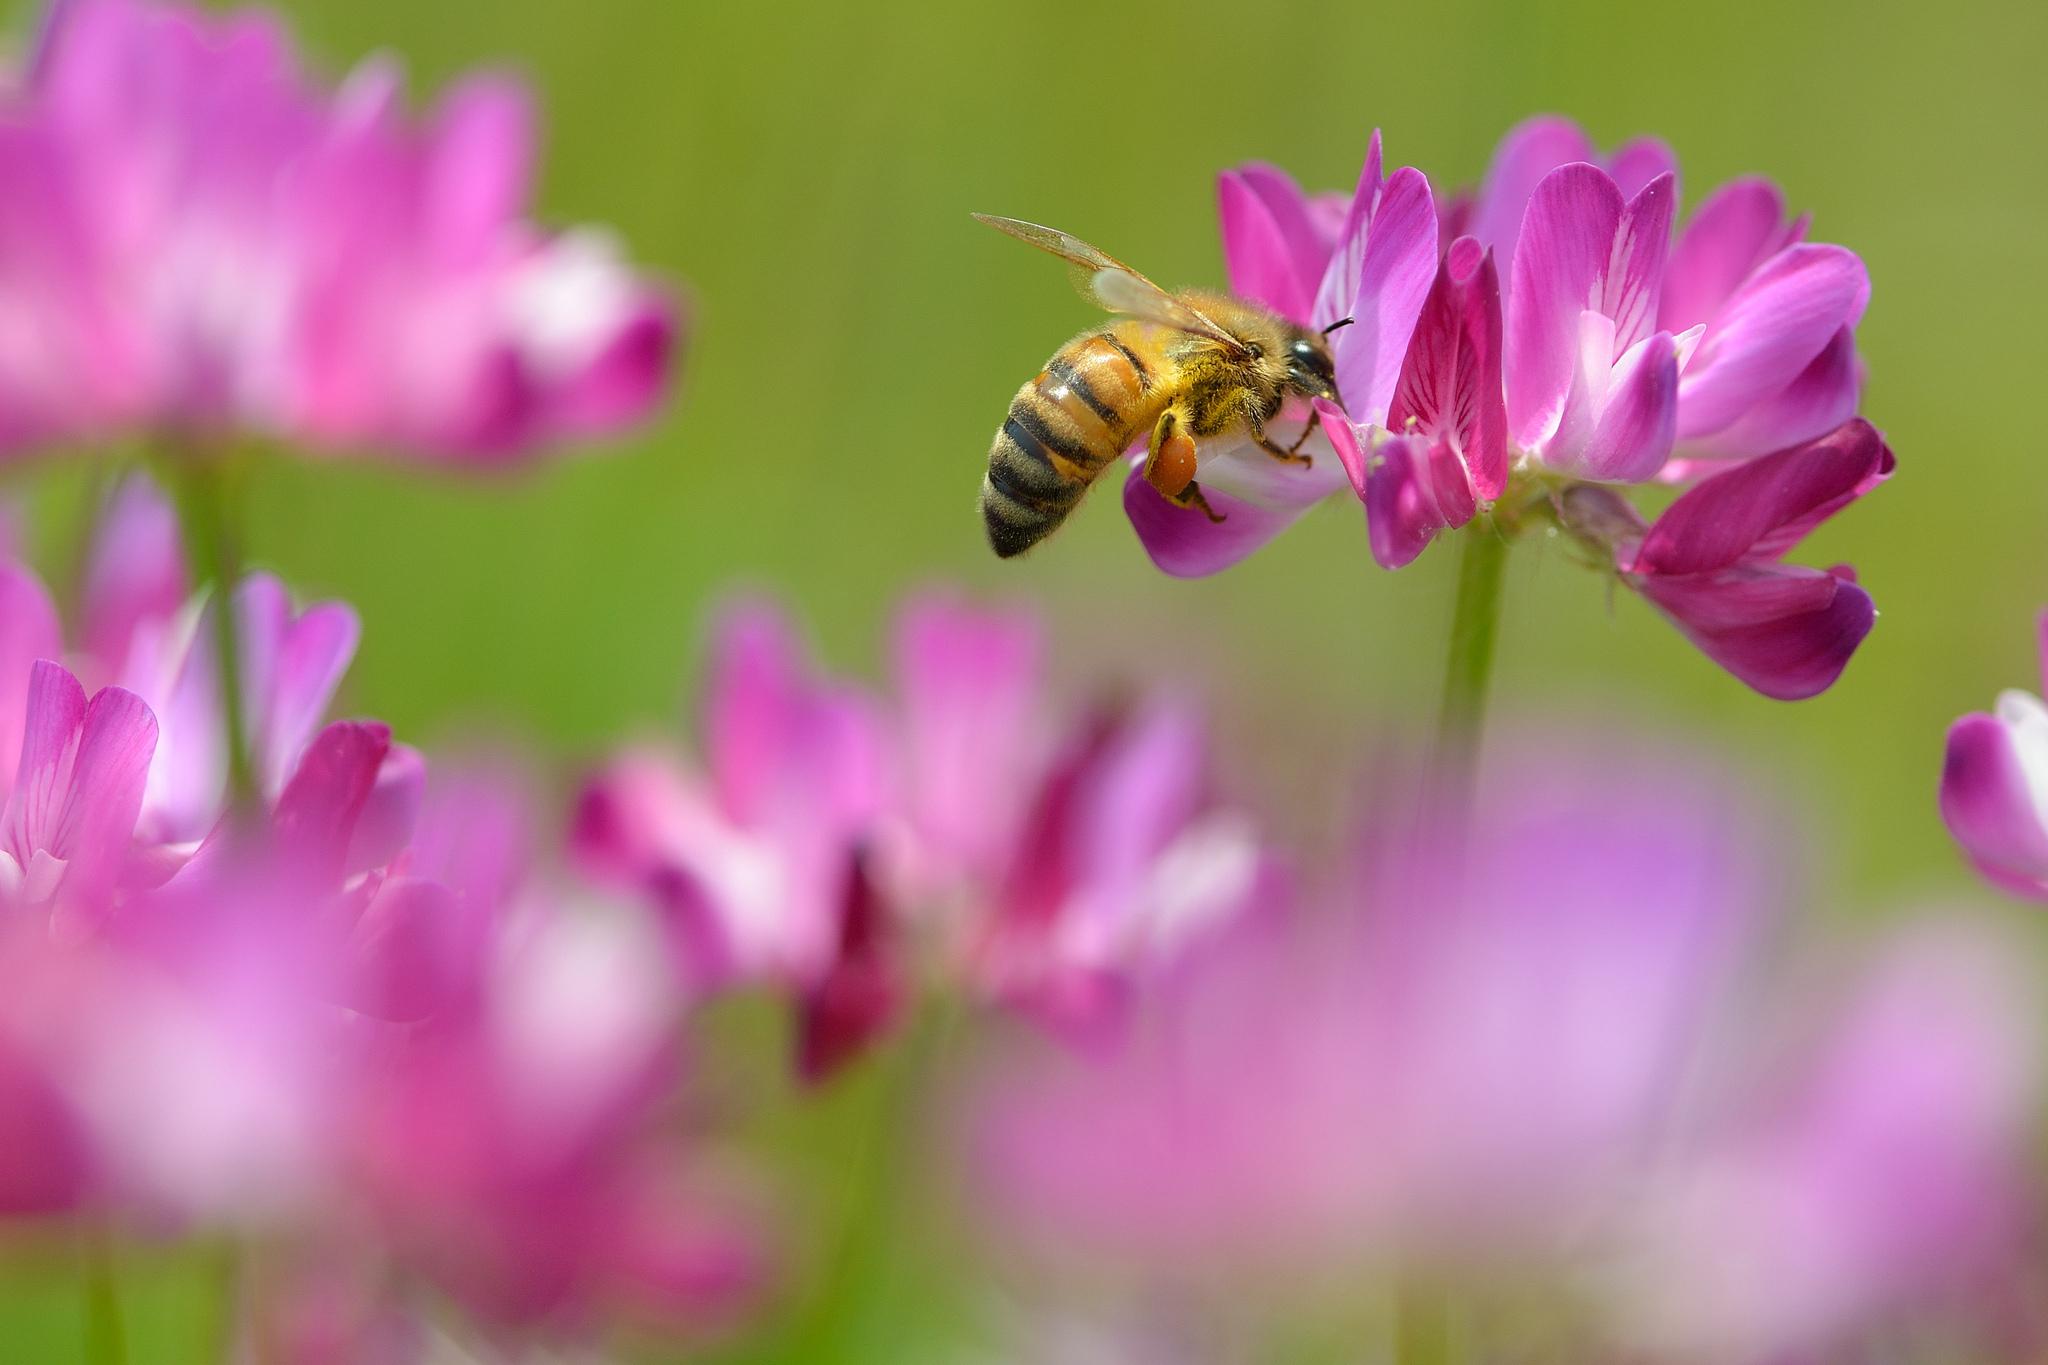 пчела цветы розовые flowers pink bee  № 910775 загрузить